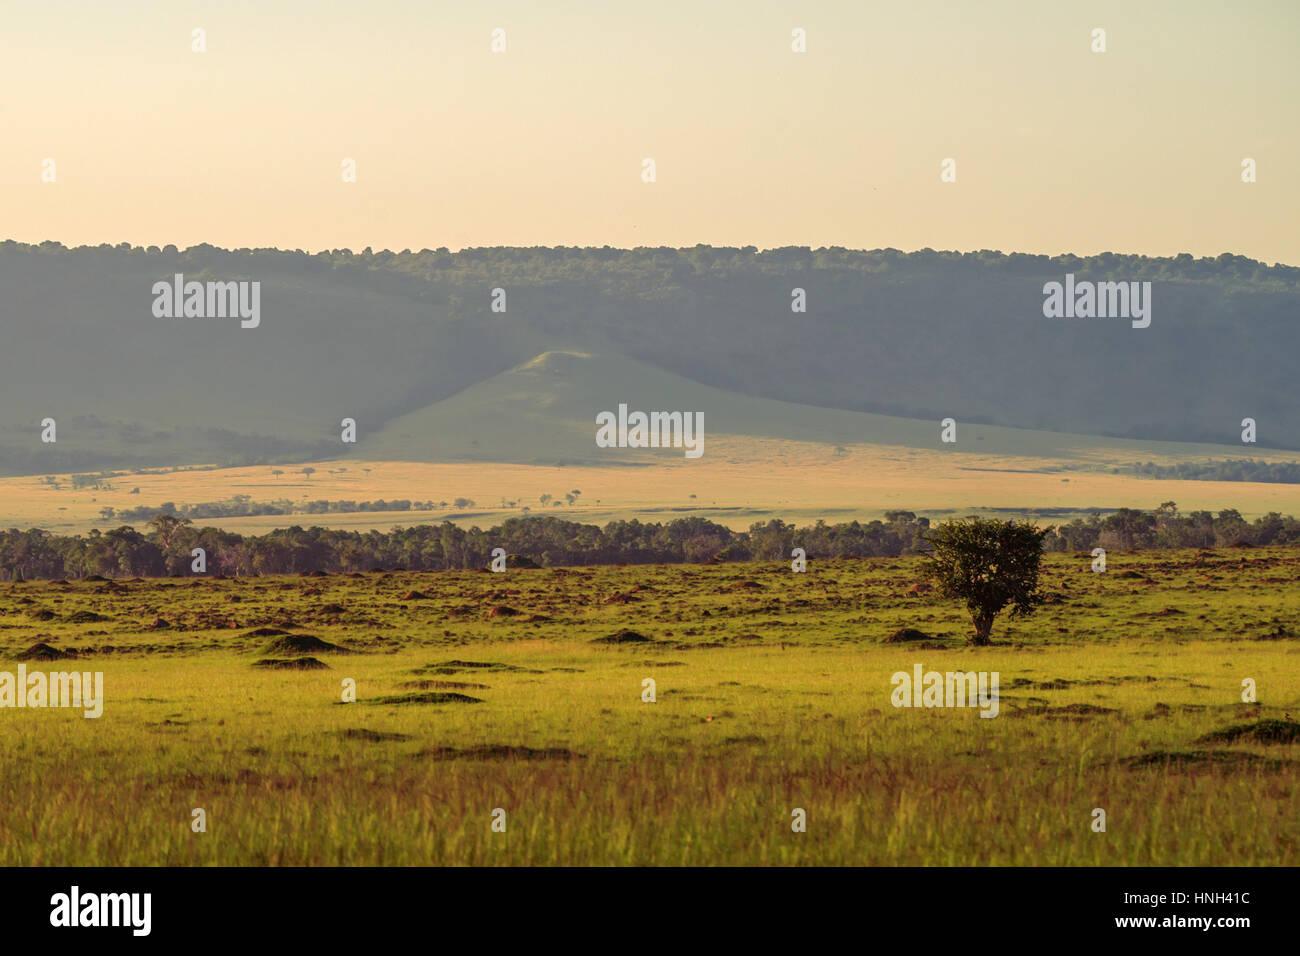 Landschaftlich reizvolle afrikanische Savannenlandschaft in der Masai Mara, Kenia Stockfoto